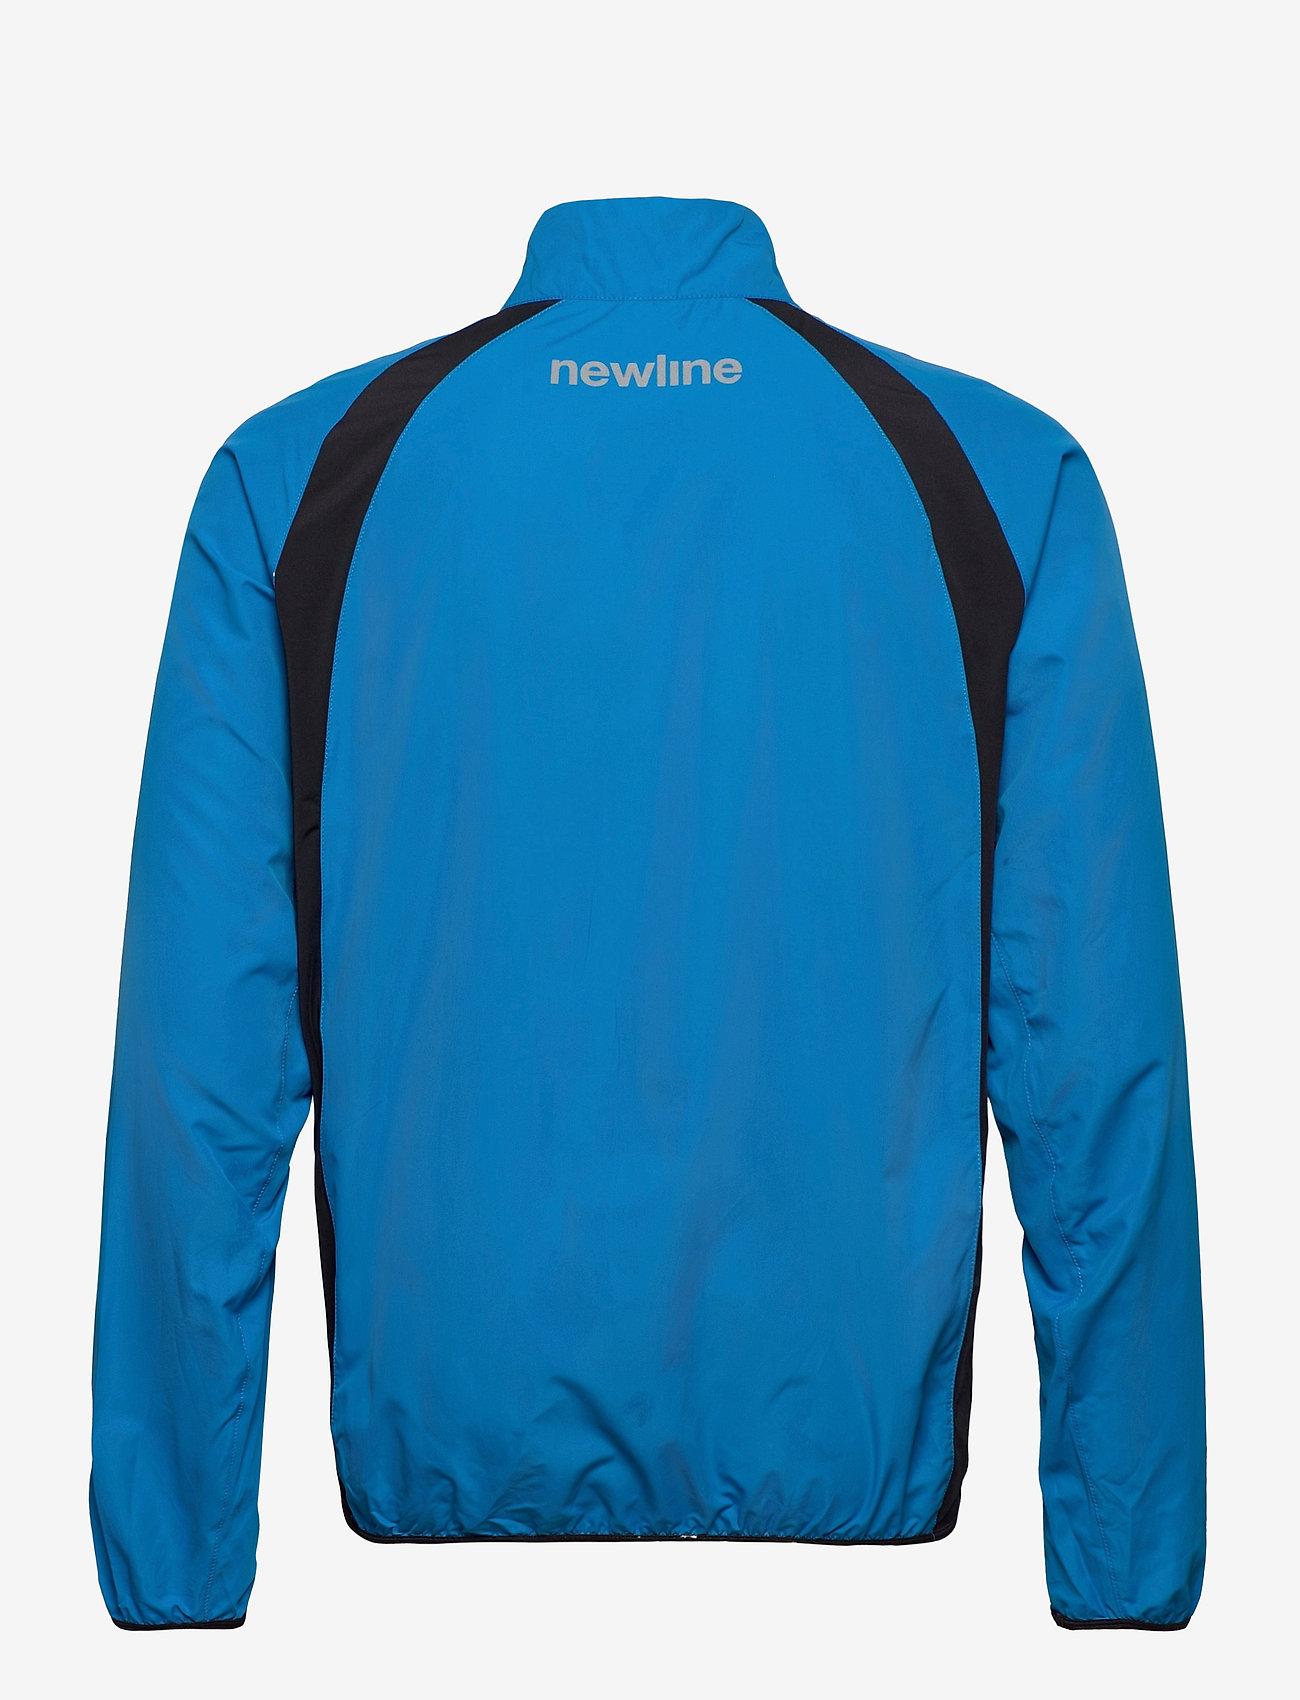 Newline - CORE JACKET - sportsjakker - blue - 1